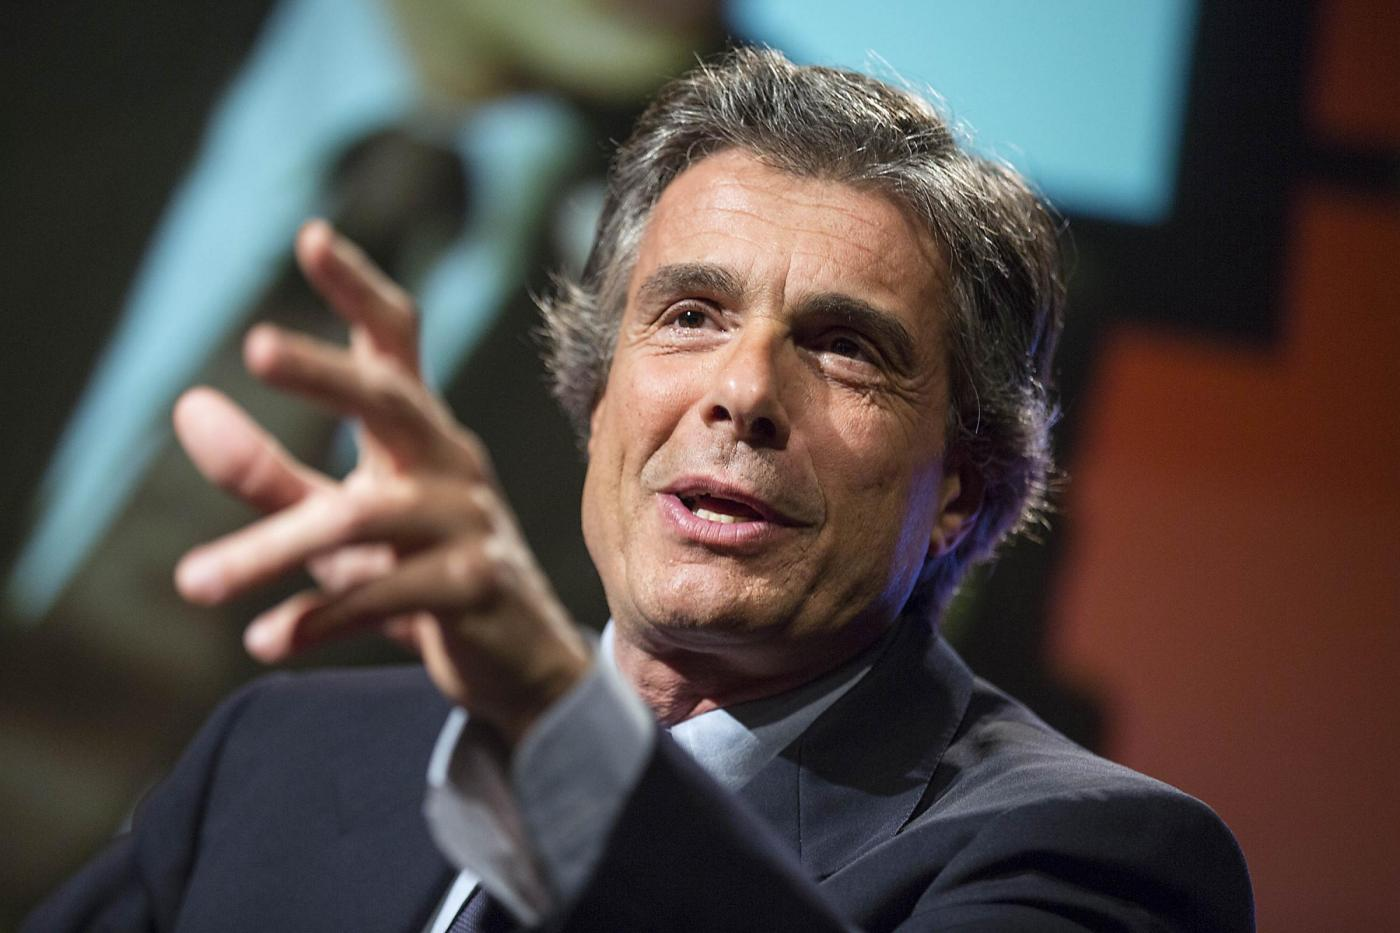 Alfio Marchini, l'imprenditore figlio di comunisti che ha stregato Berlusconi